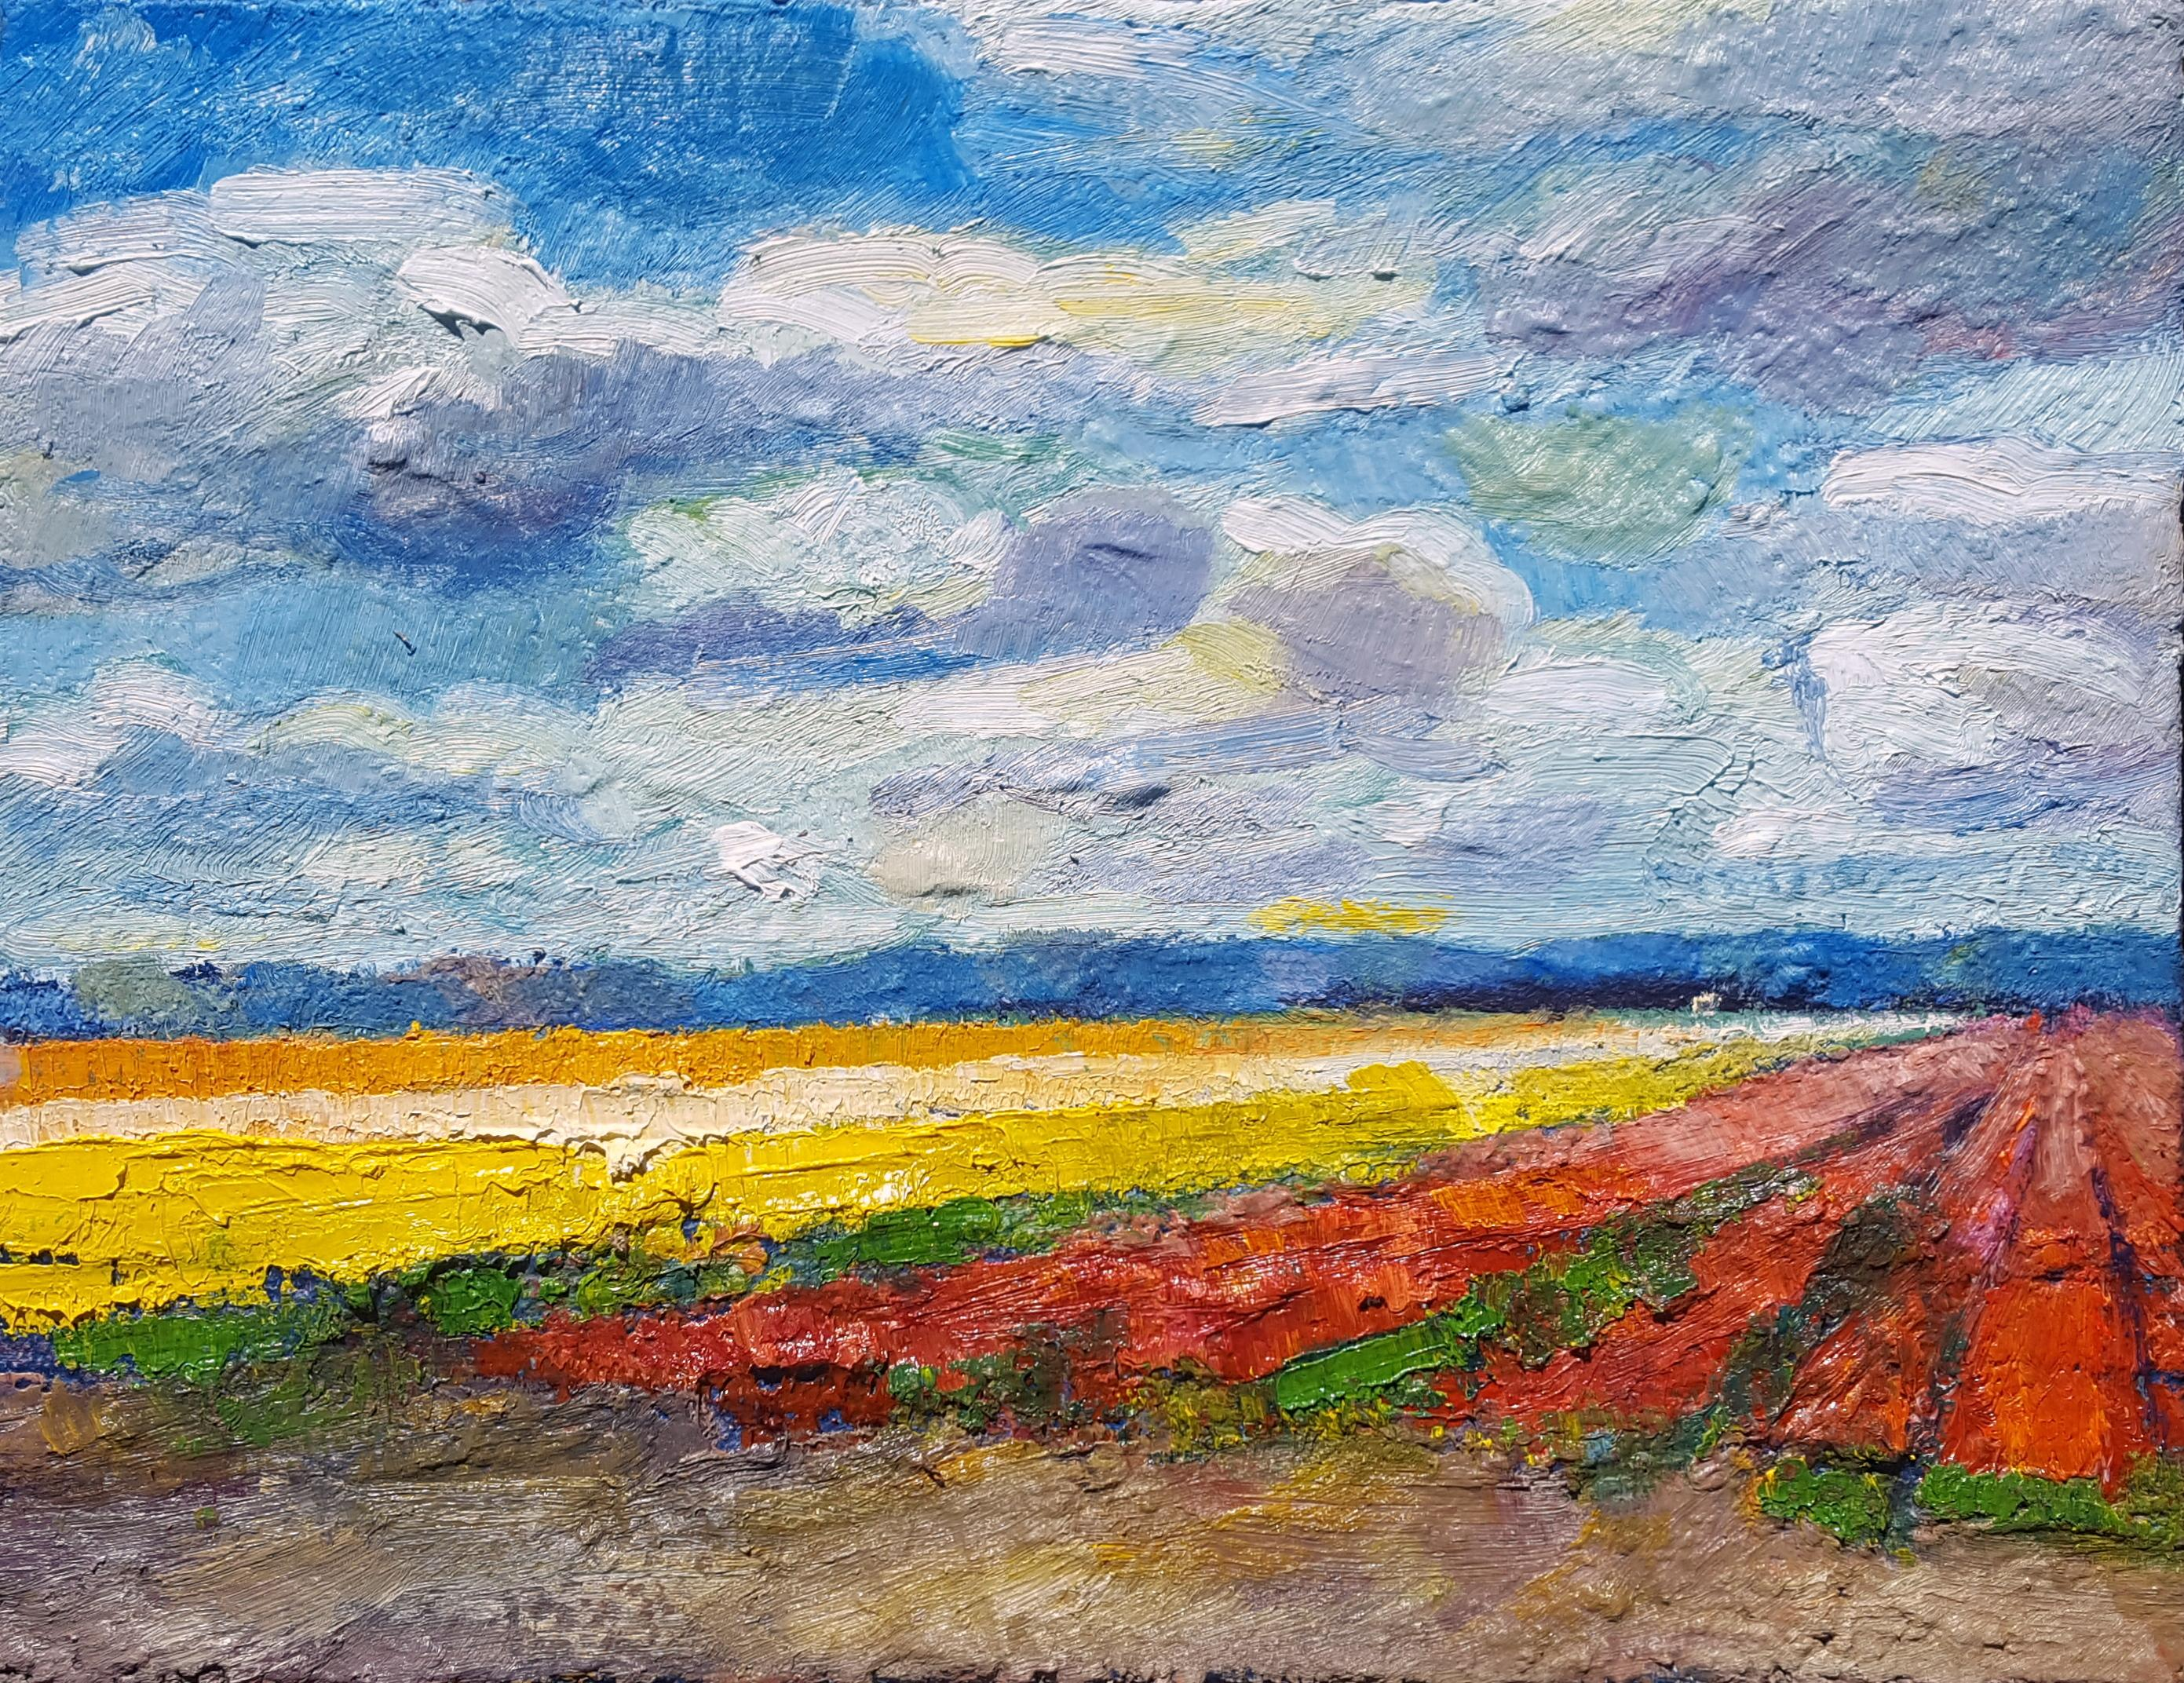 Peter Kempeneers schildert de warme gloed van de bollenvelden. 'De omgeving spreekt mij enorm aan'